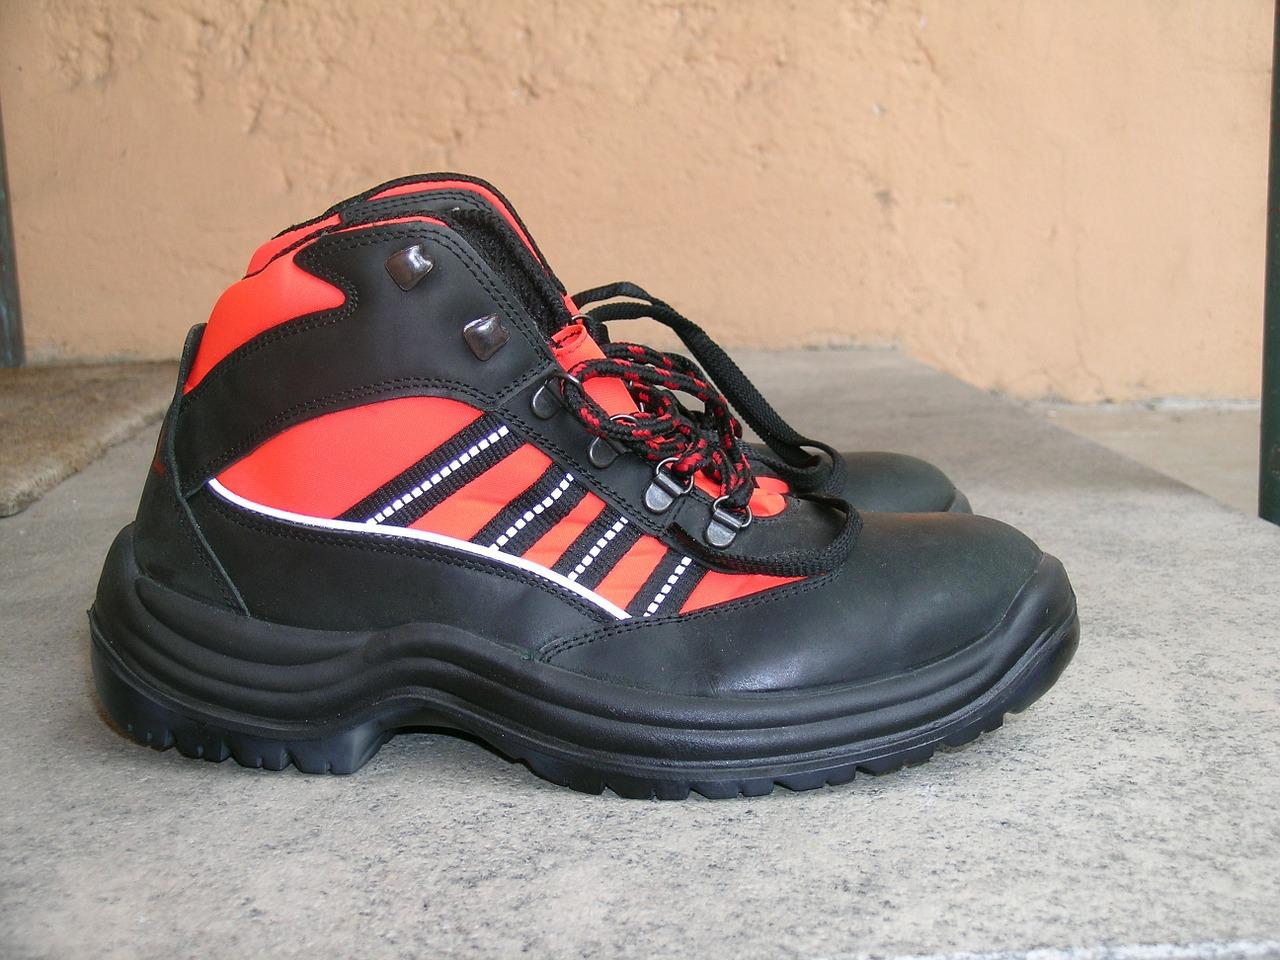 Les chaussures de sécurité, on en parle ?